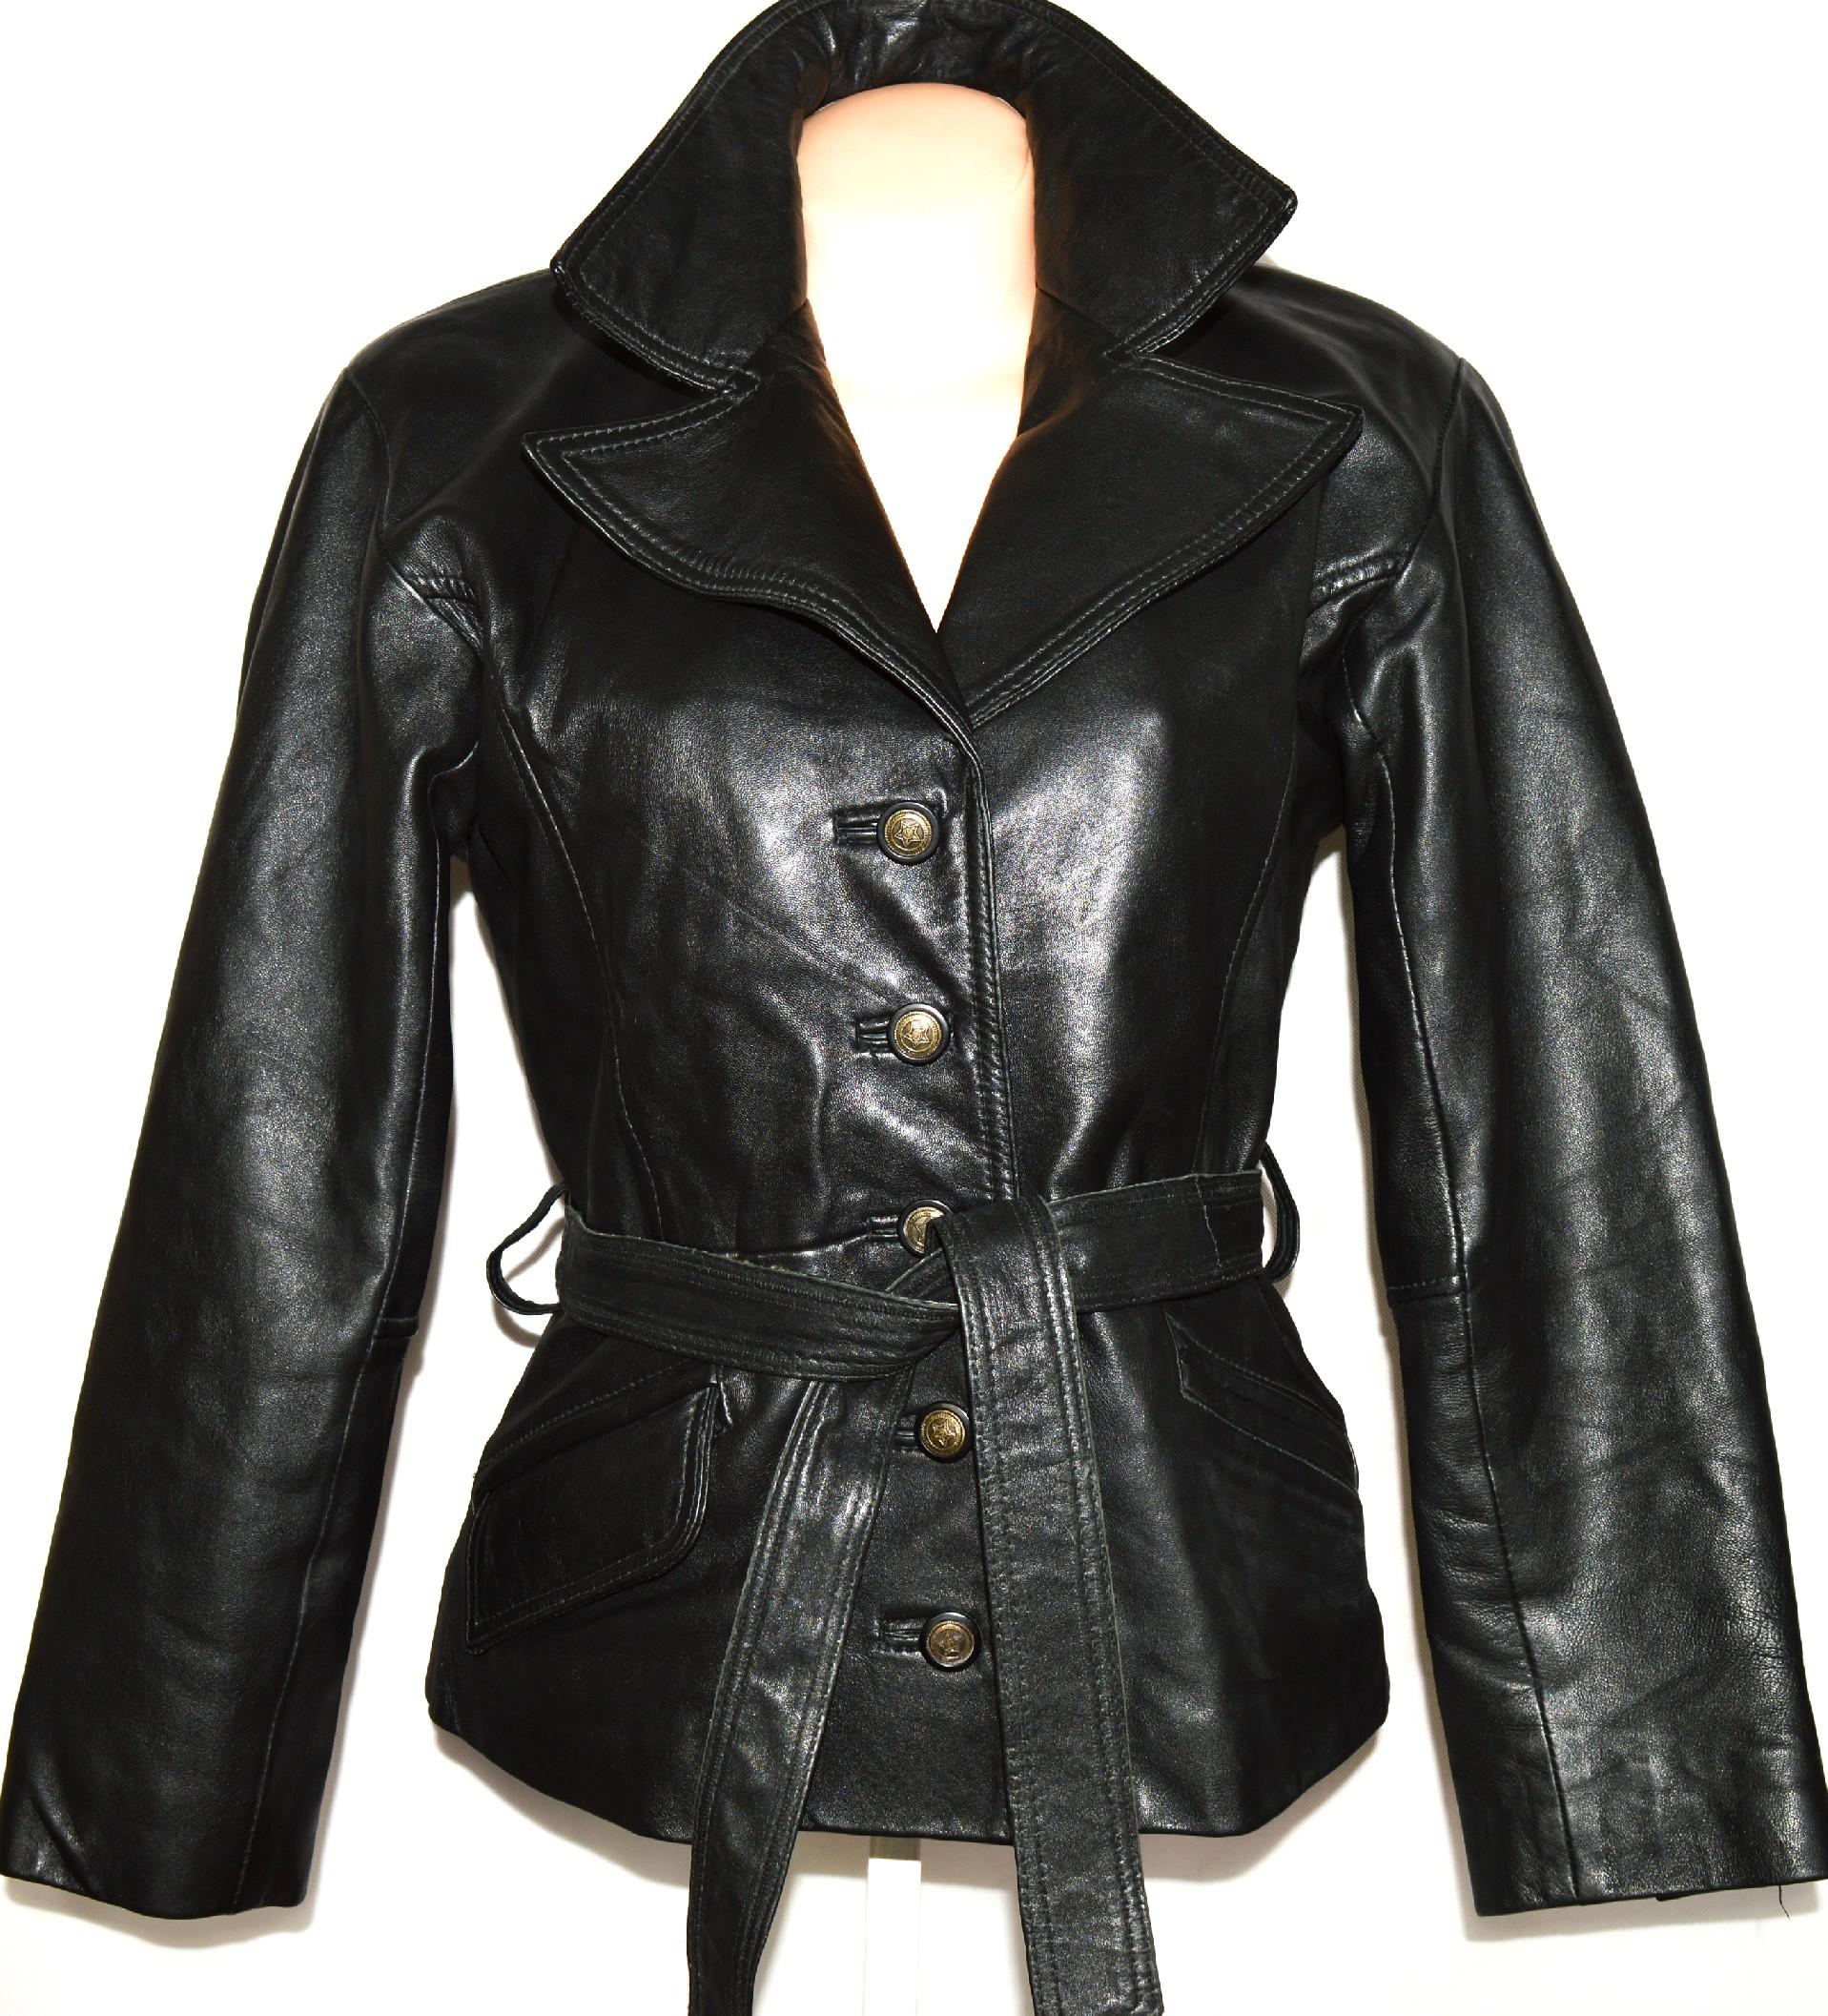 KOŽENÝ dámský měkký černý kabát s páskem CUBA L